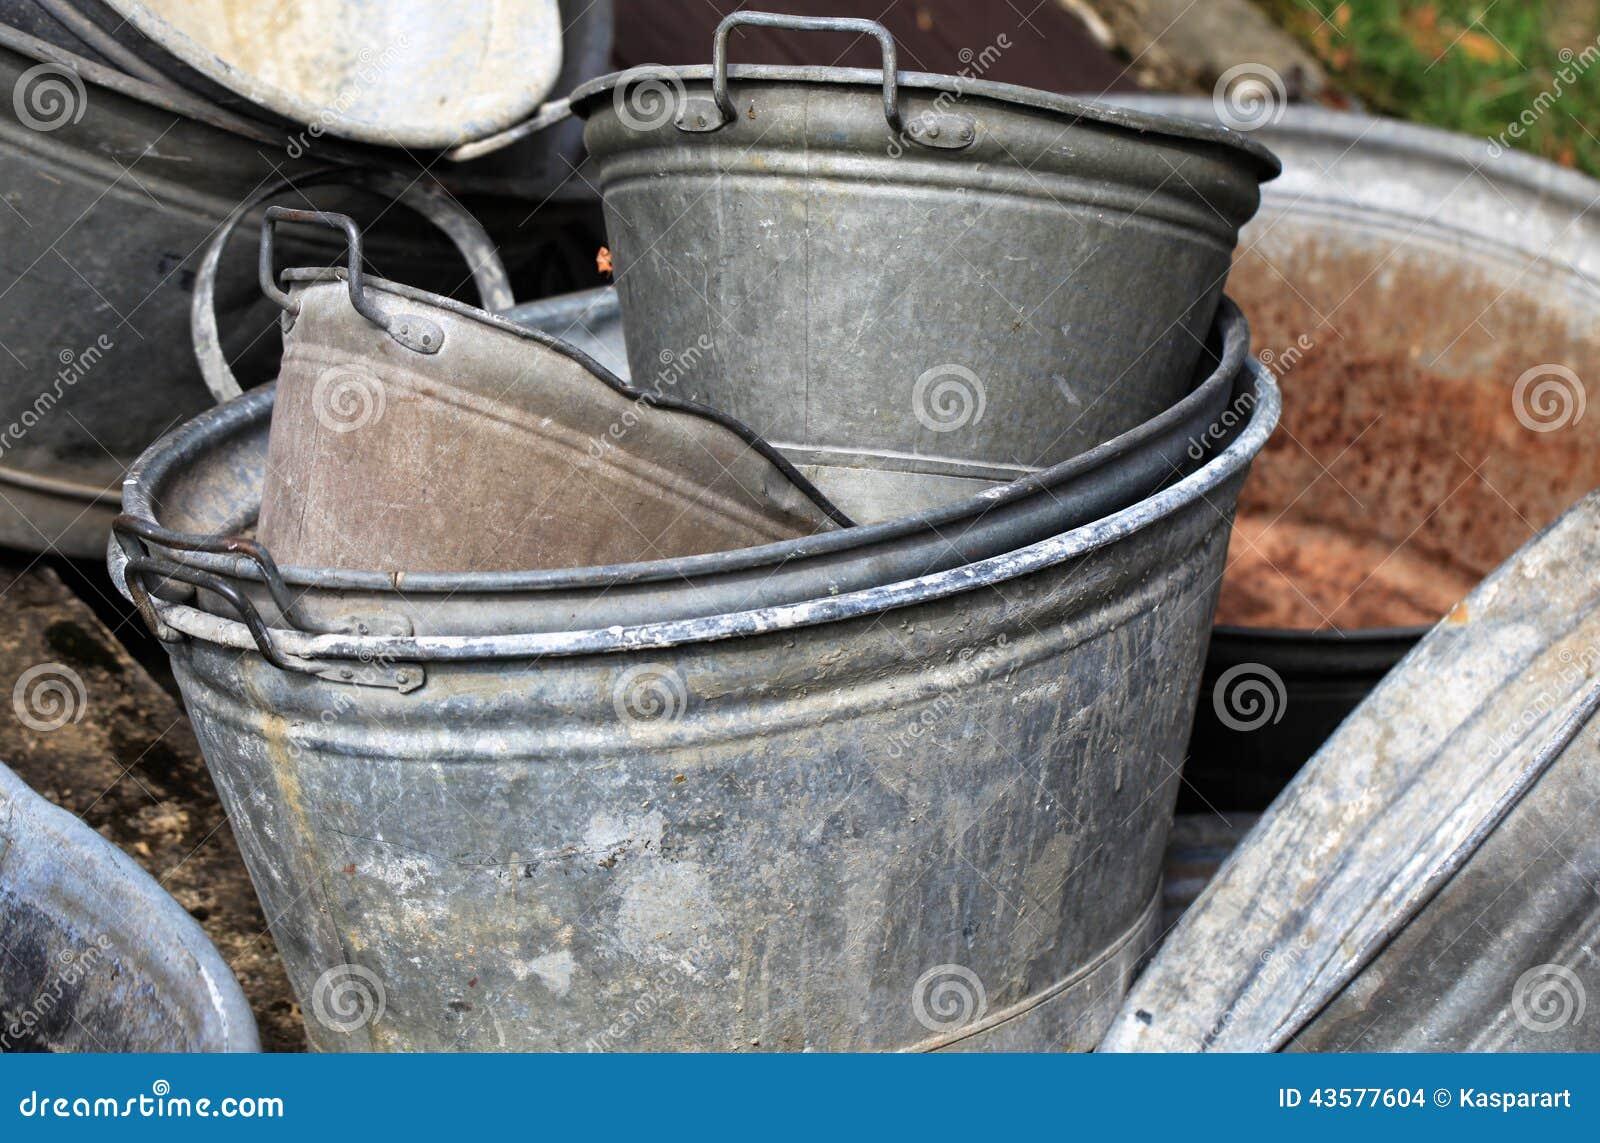 Vasca Da Bagno Ruggine : Vasche da bagno rivestite dello zinco fotografia stock immagine di